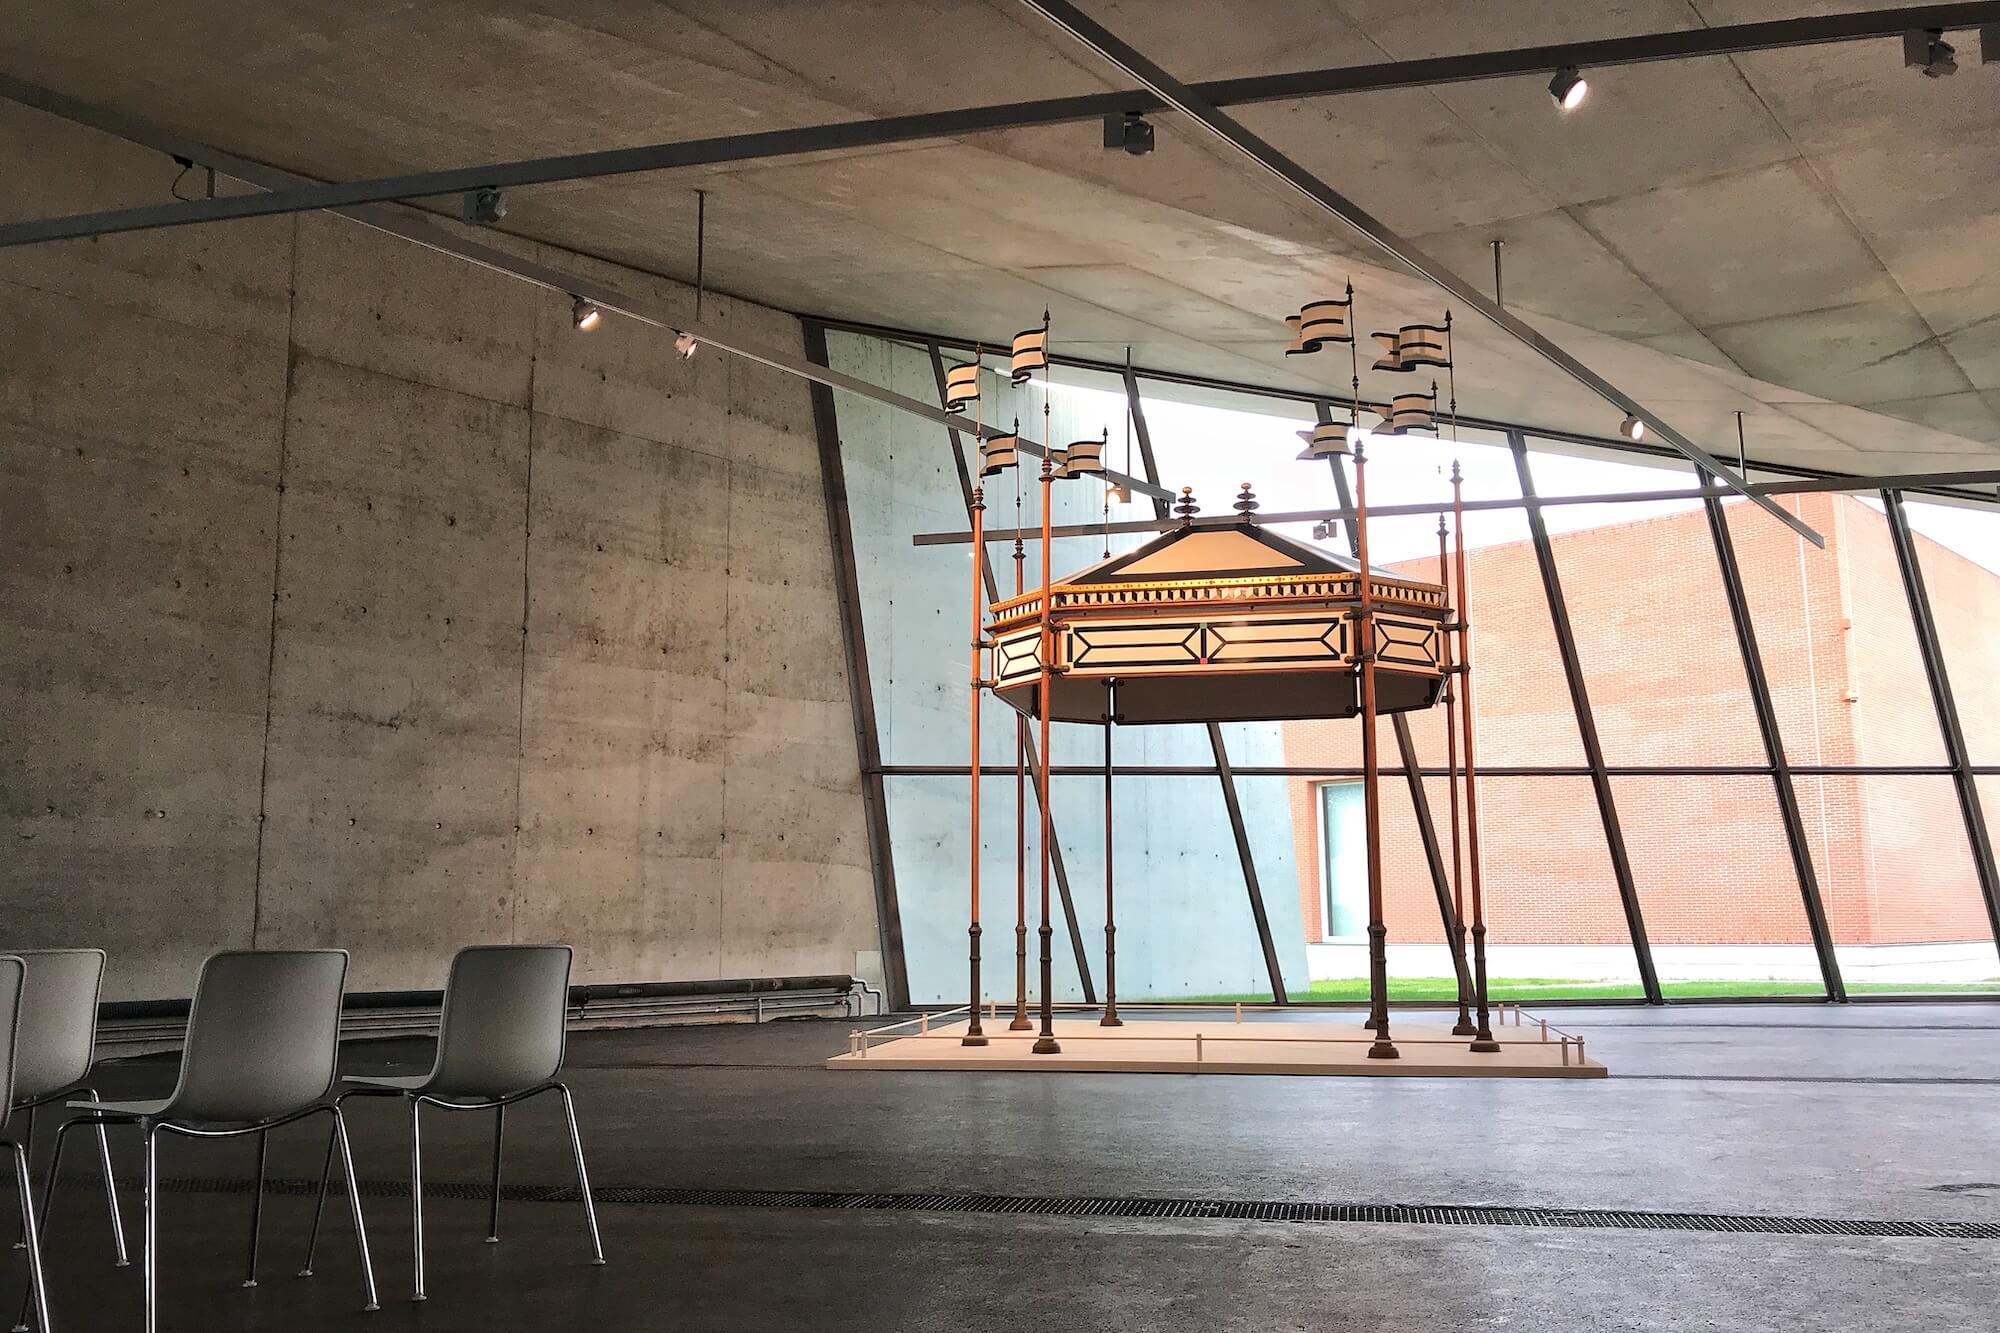 """Das Vitra Design Museum feiert das Designer-Ehepaar Charles und Ray Eames mit mehreren Ausstellungen unter dem Motto """"An Eames Celebration""""."""